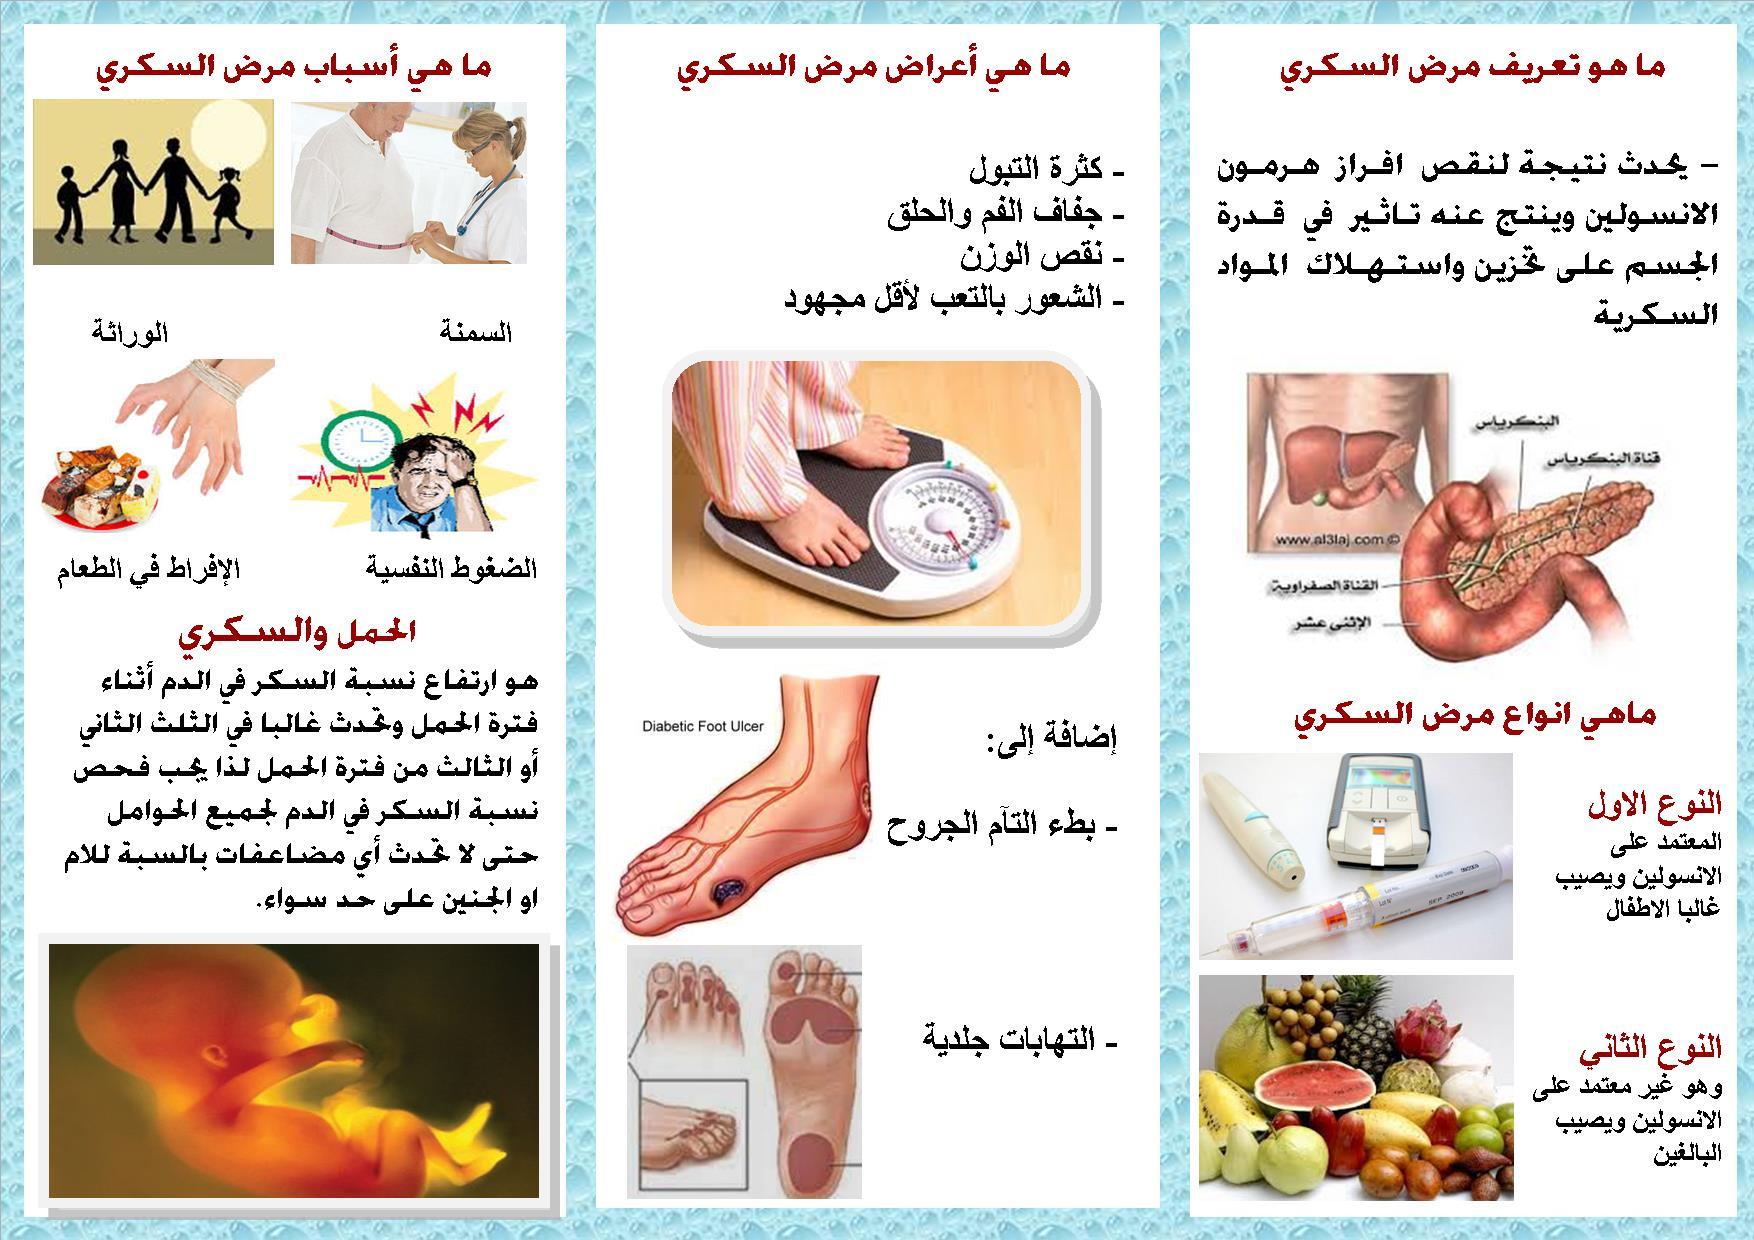 مرض السكري والحمل نصائح للوقاية من الإصابة بمرض السكر